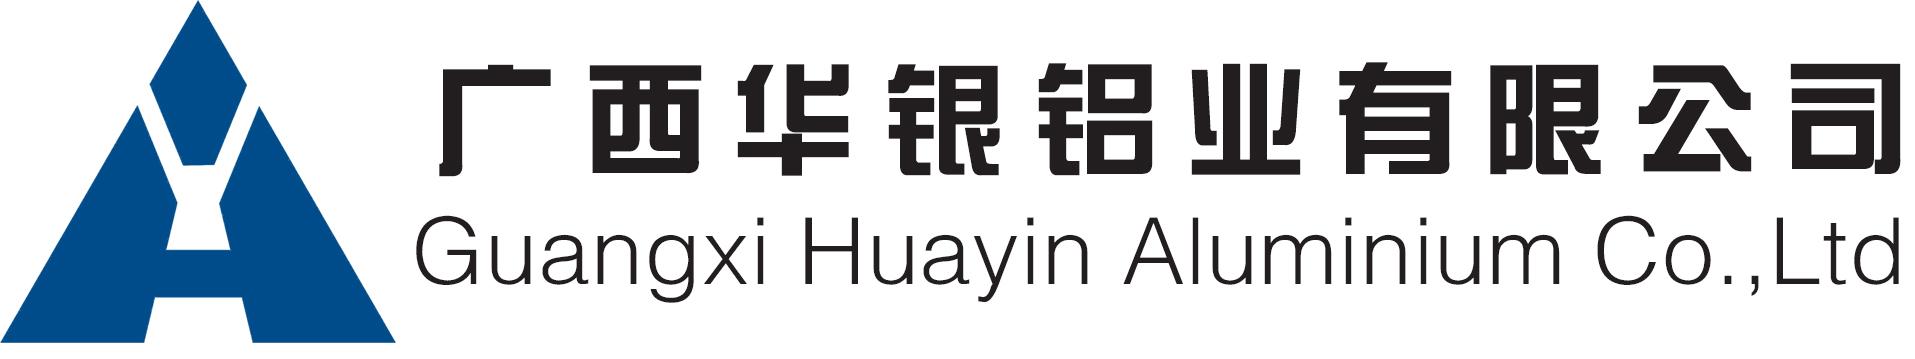 广西华银铝业有限公司